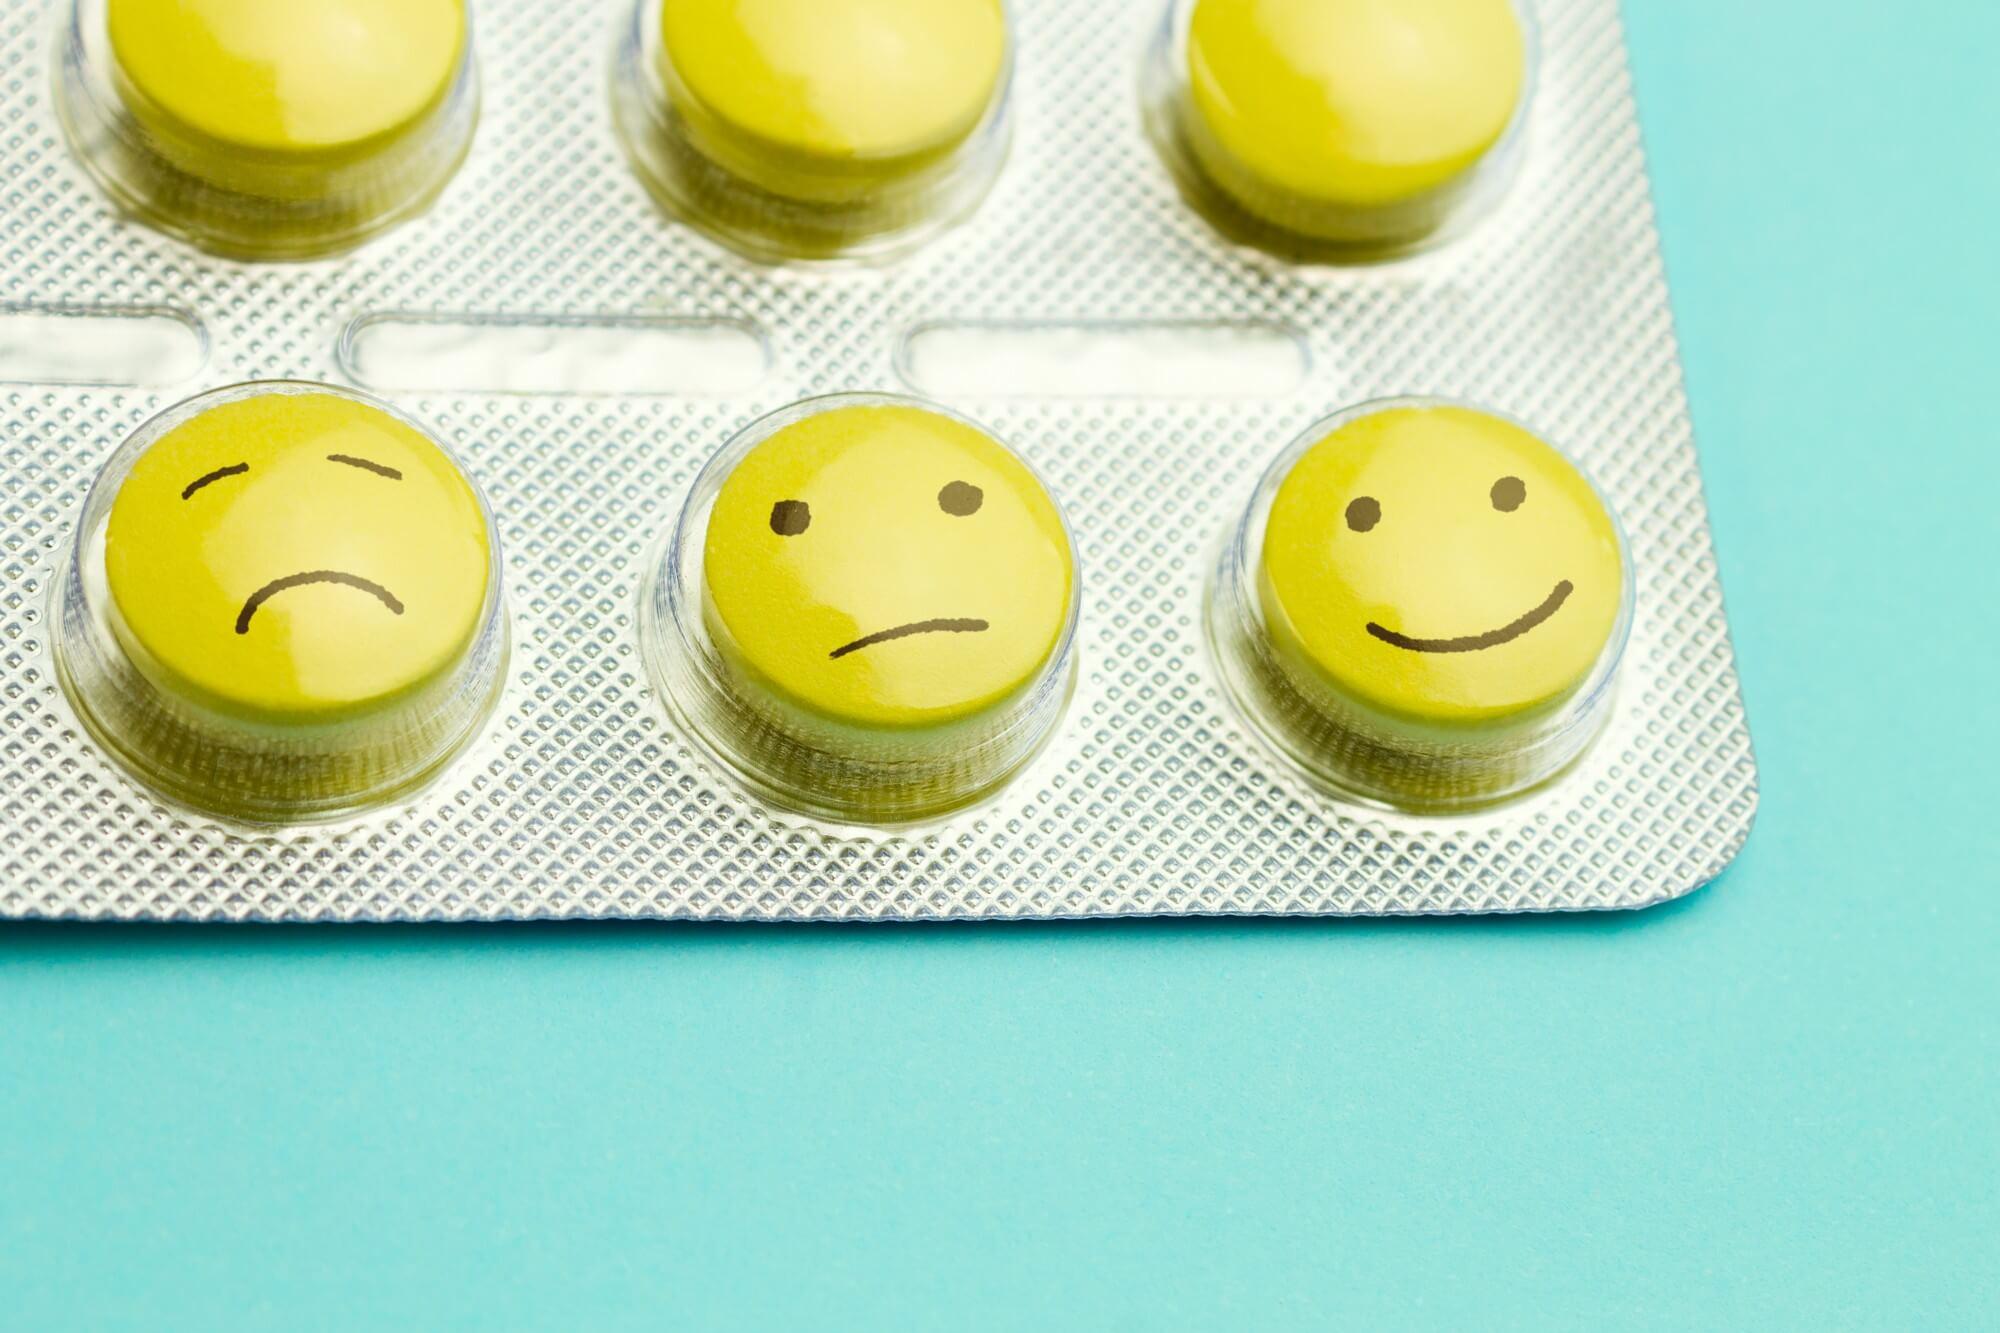 Todo lo que debes saber antes de dejar de tomar antidepresivos